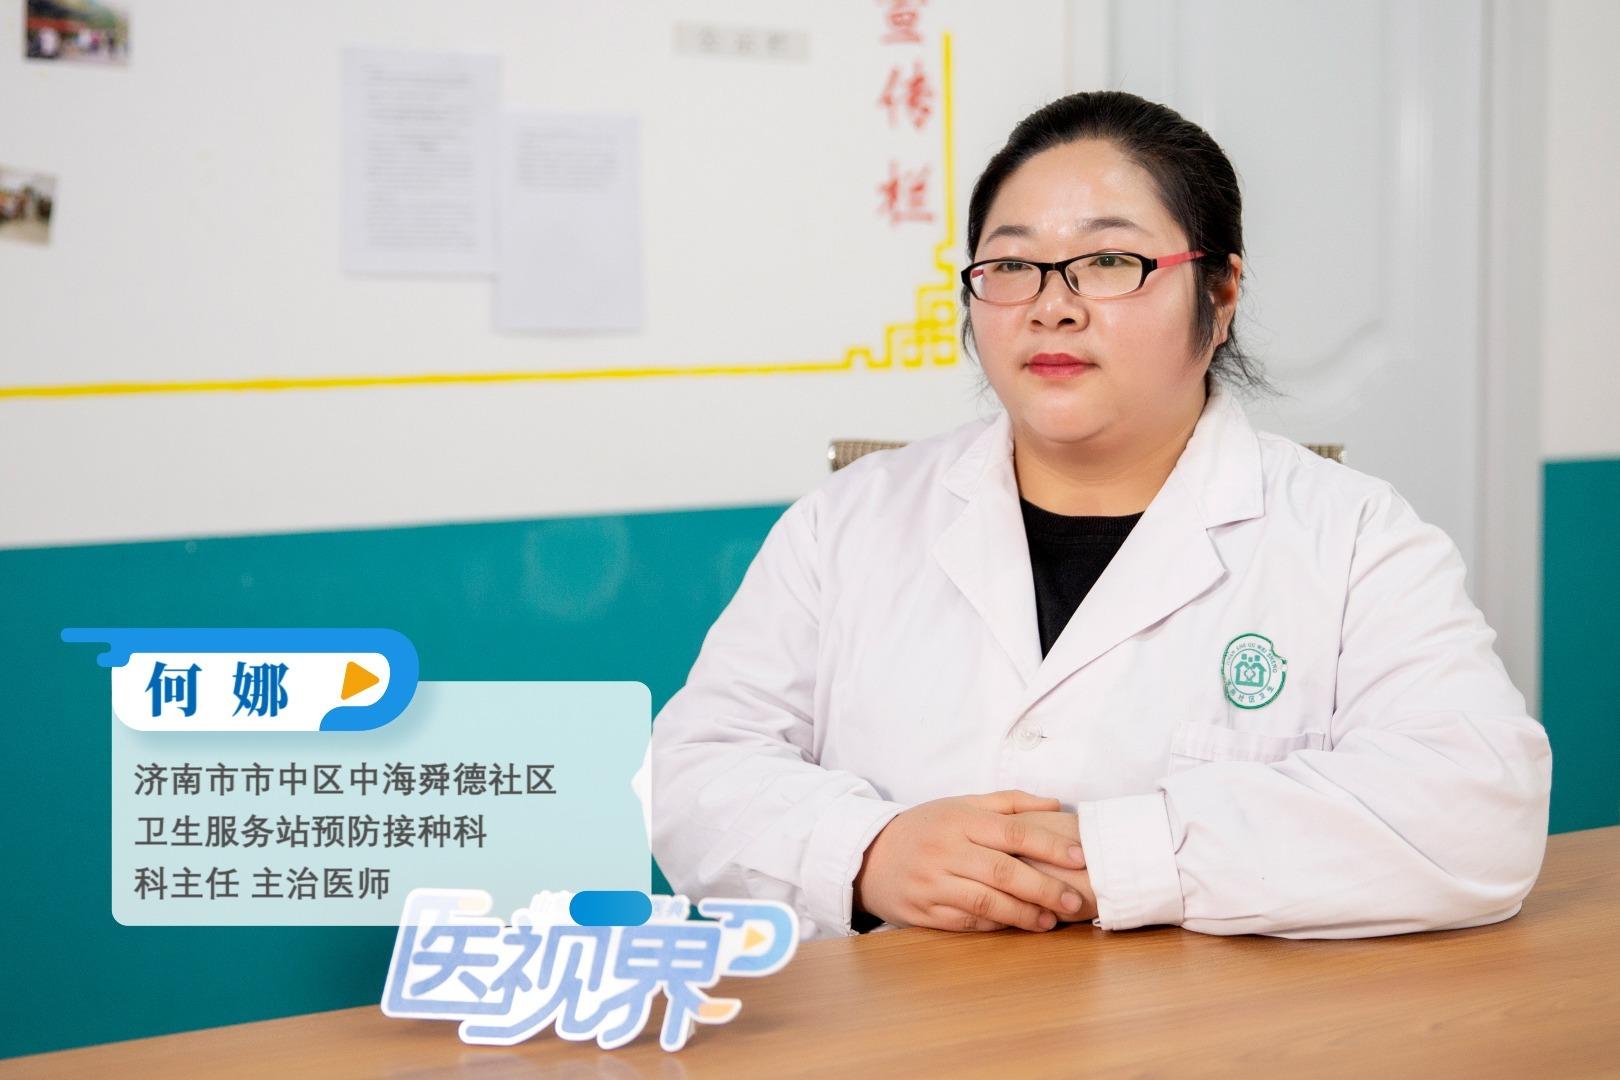 医视界丨鼻喷流感疫苗是如何对人体进行保护的?预防效果好吗?